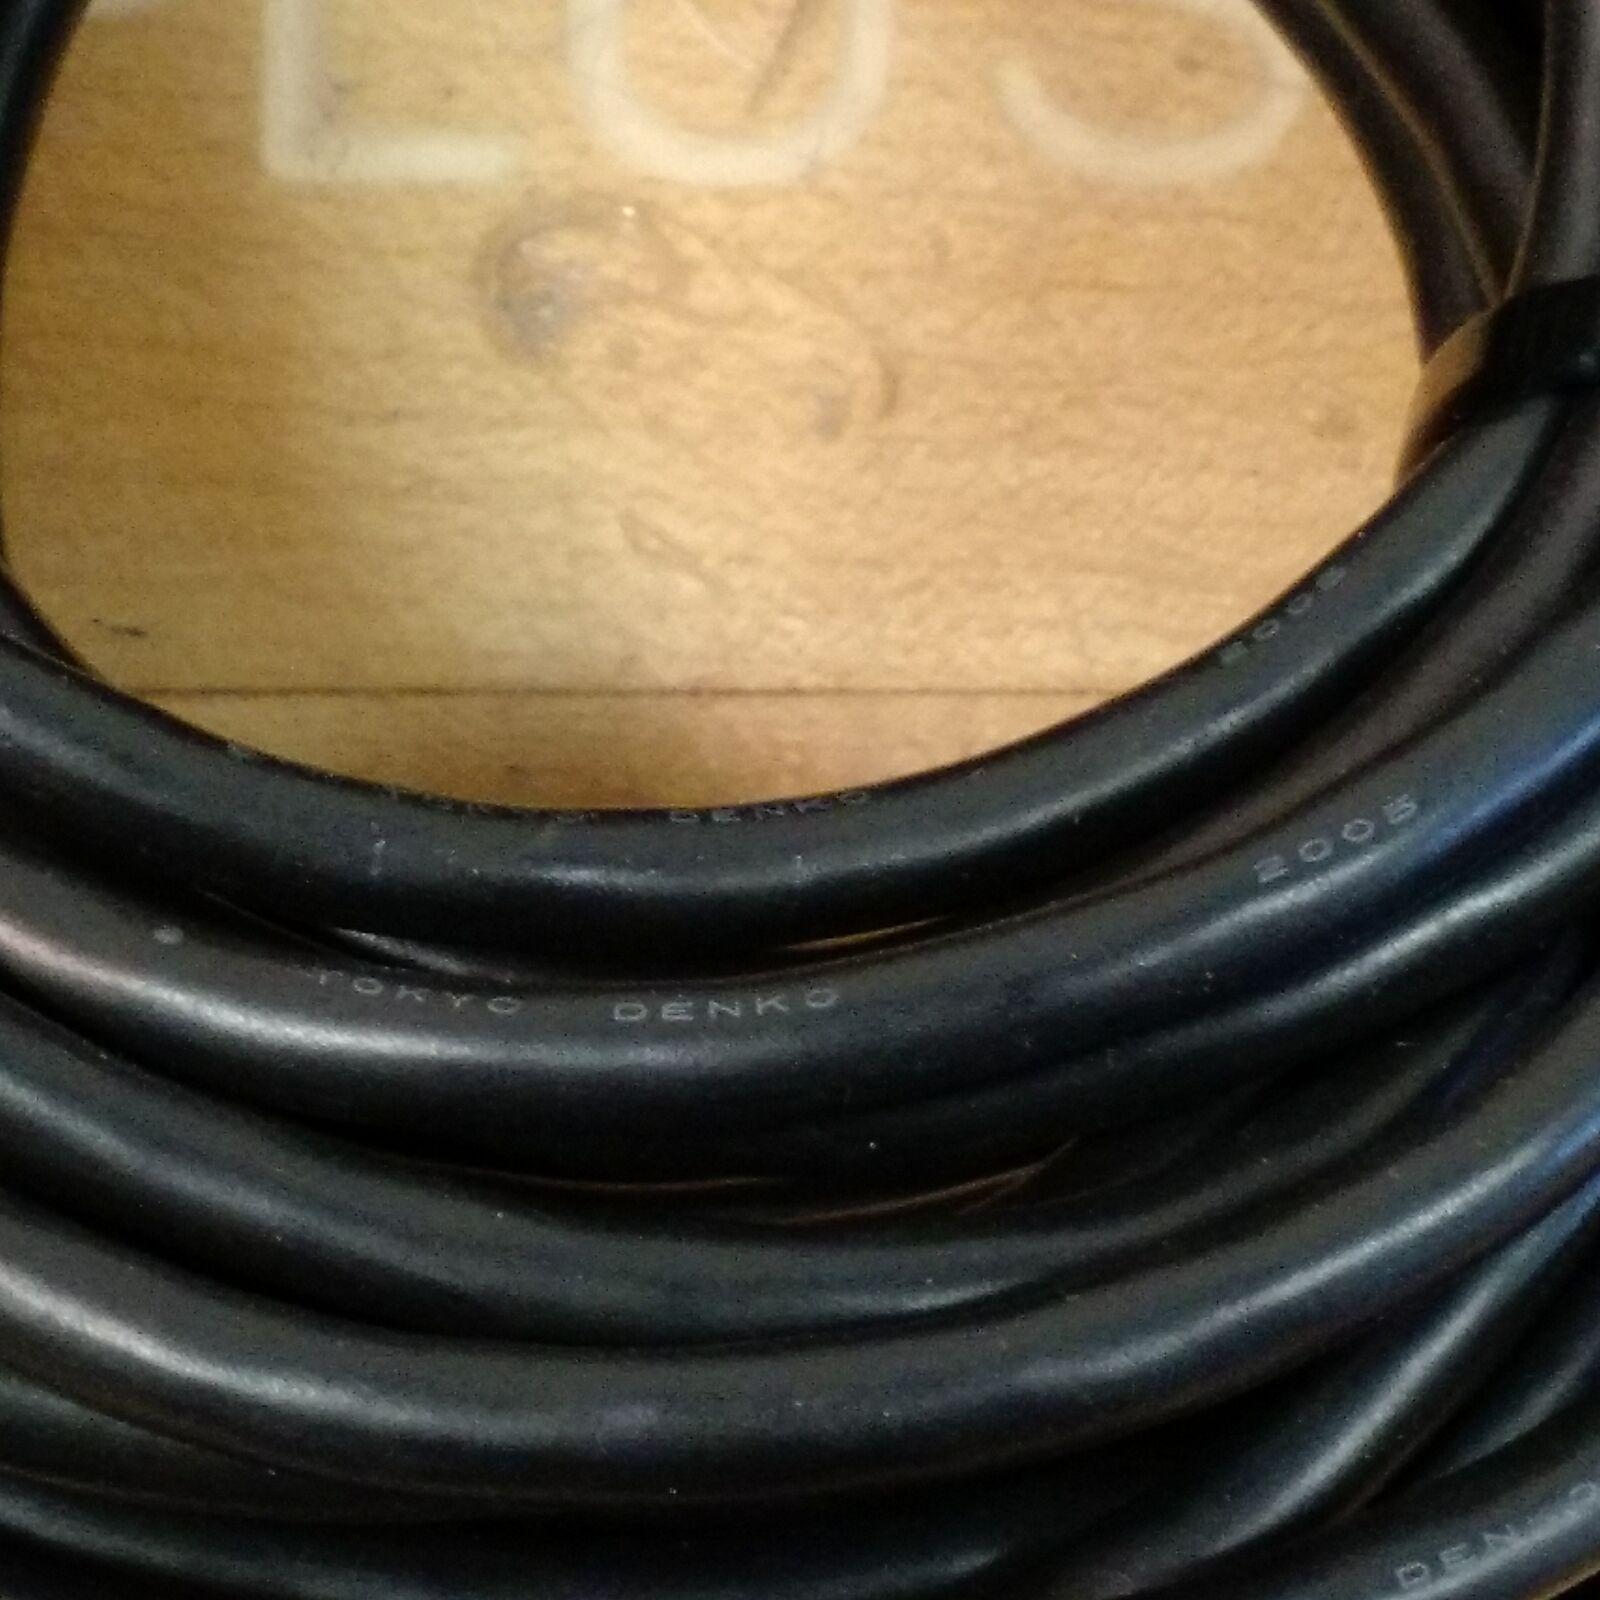 Toyko armadura 2005 de 8 pines macho a hembra extensión Cable de extensión hembra de control de programación, 69d0e9